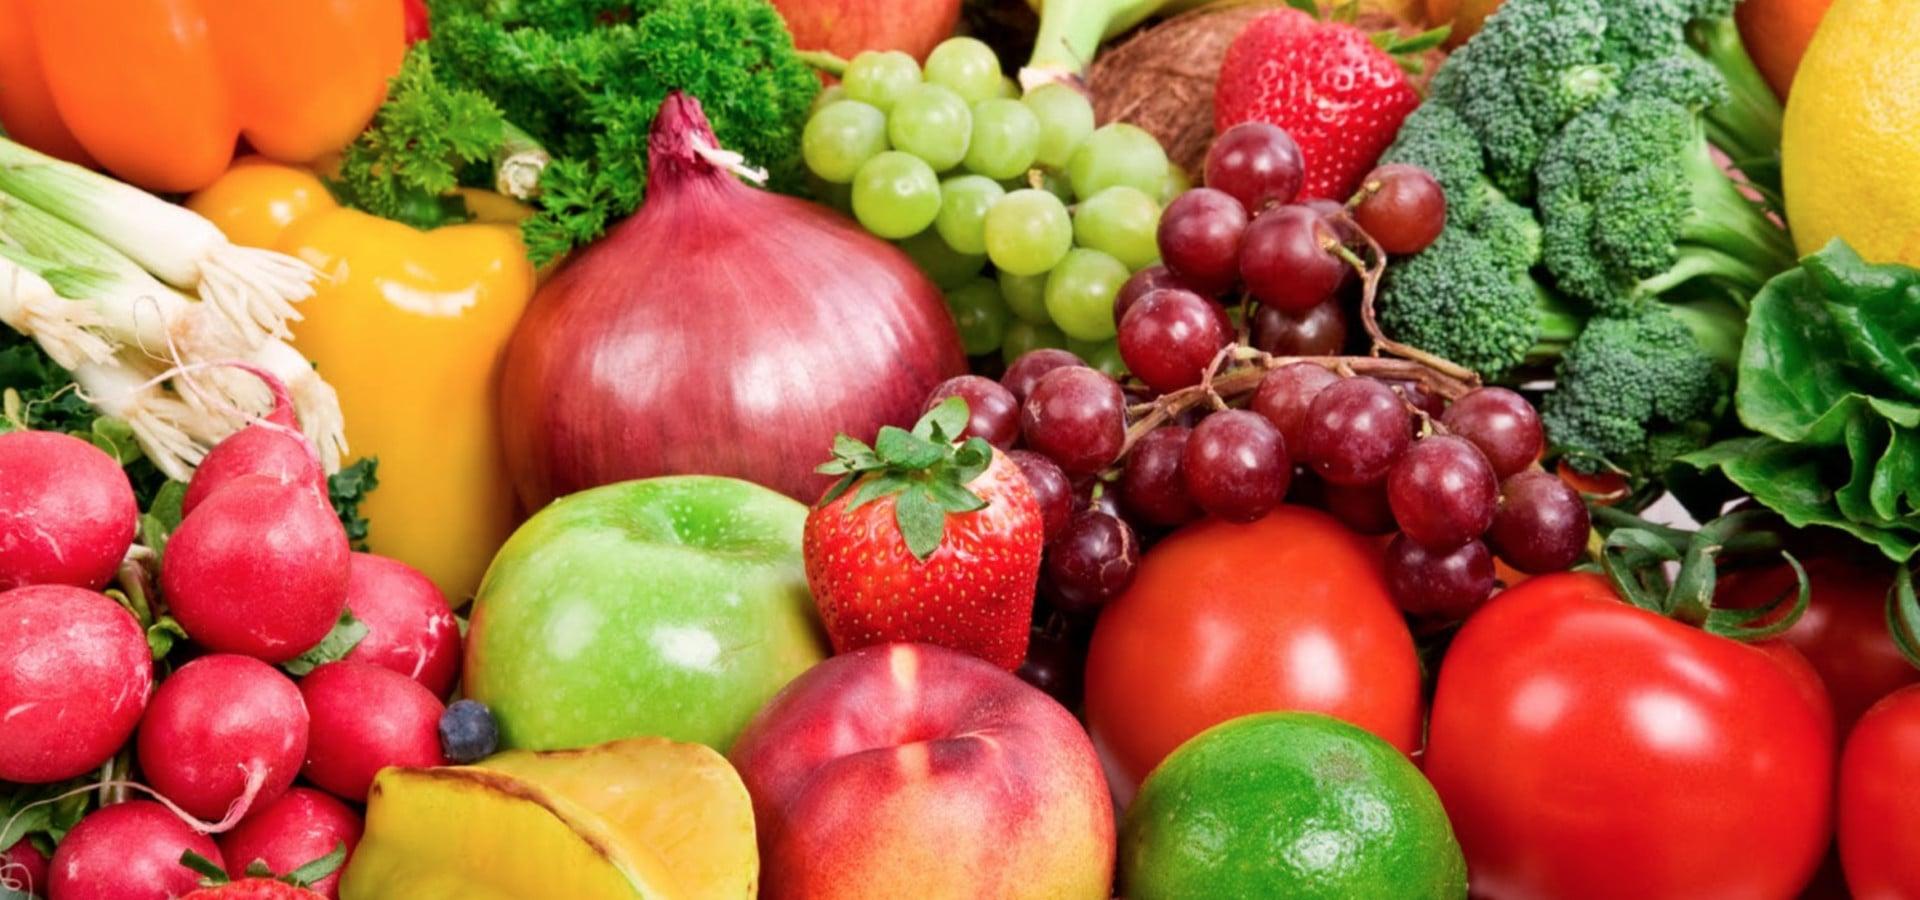 La Papaya - Frutta e verdura